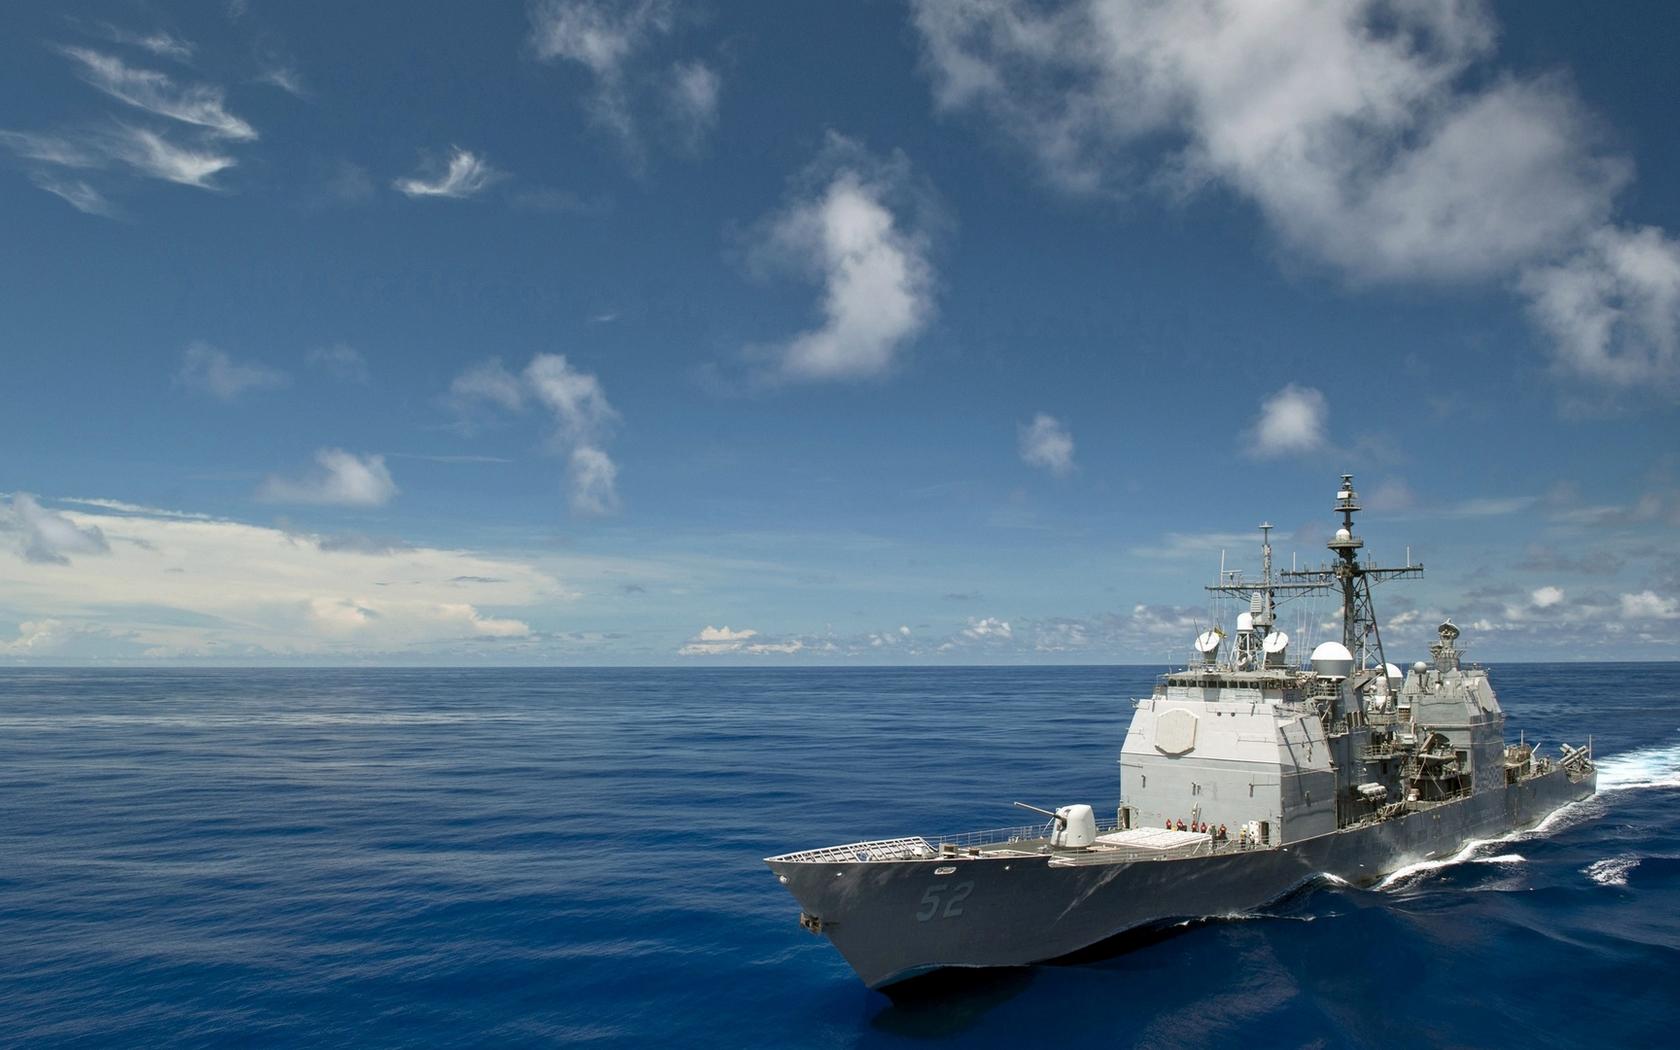 фото морских боевых кораблей зал-кальянная расслабляющей музыкой